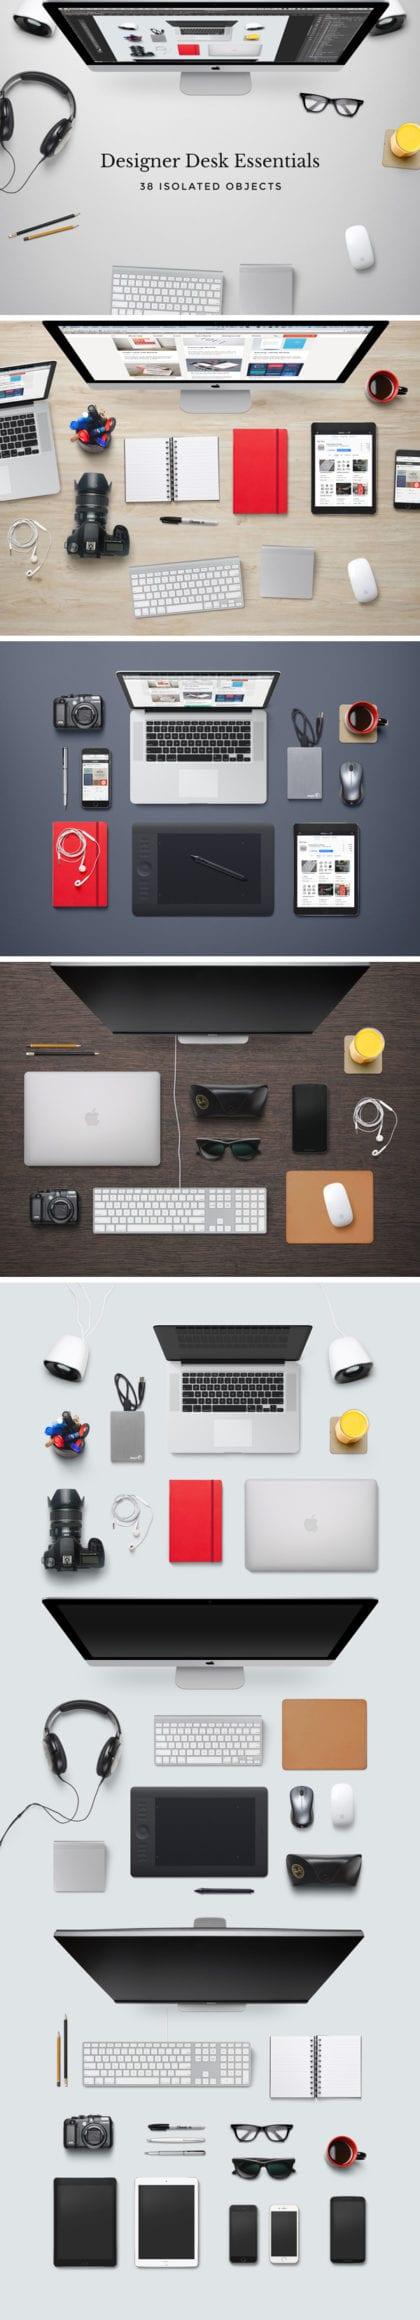 Designer-Desk-Essentials-600